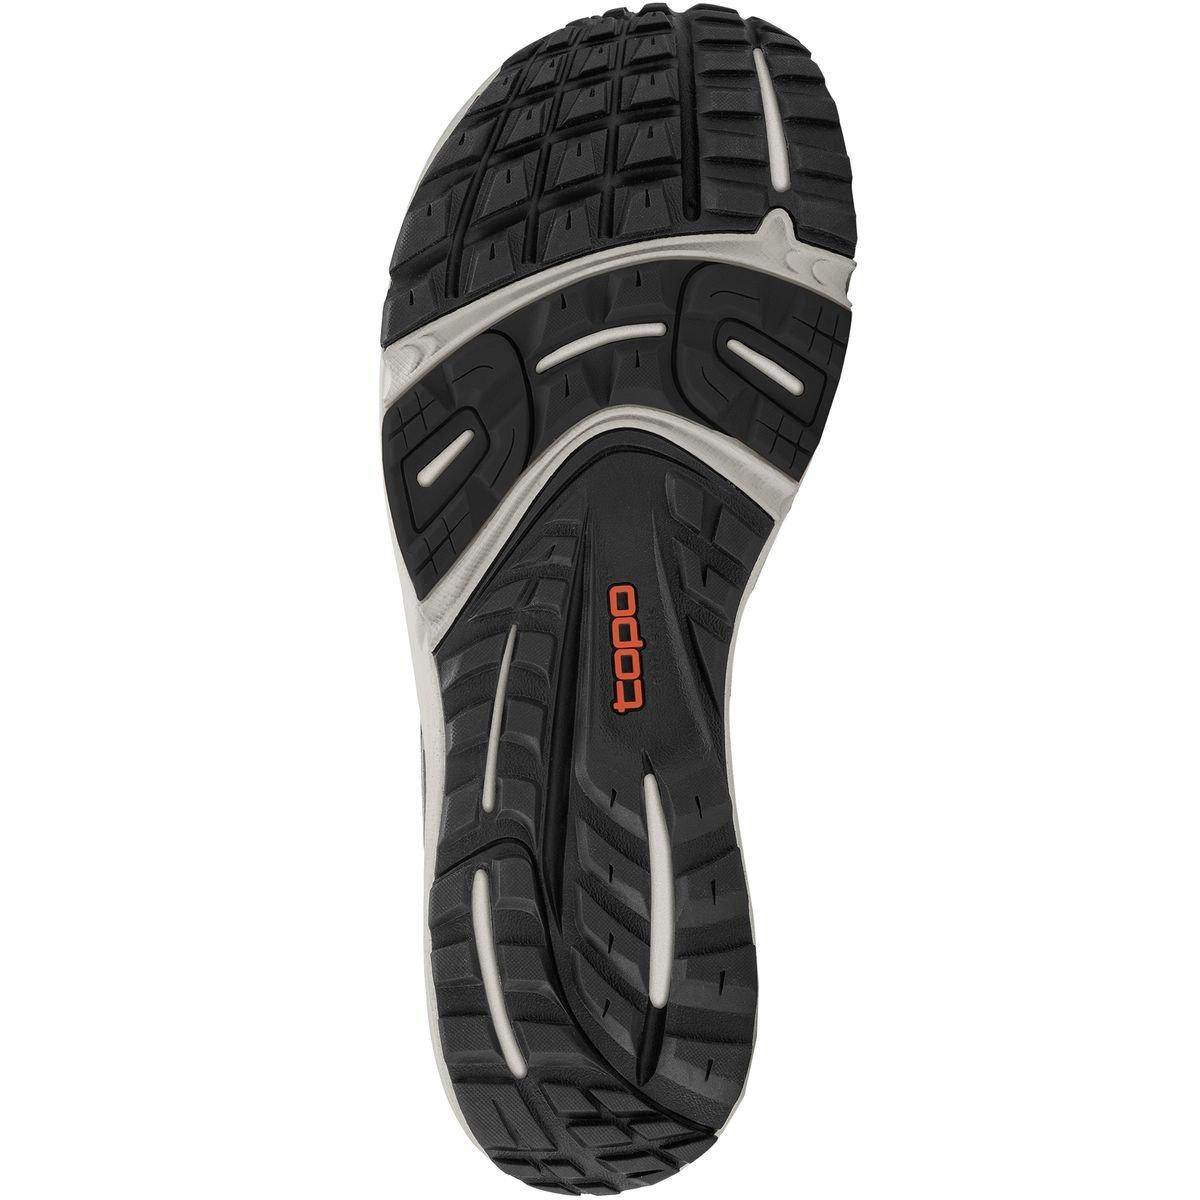 b94ea1be7a2 Topo  17033 Athletic MT2 Trail-běžecká obuv - pánská černá Hnědá ...